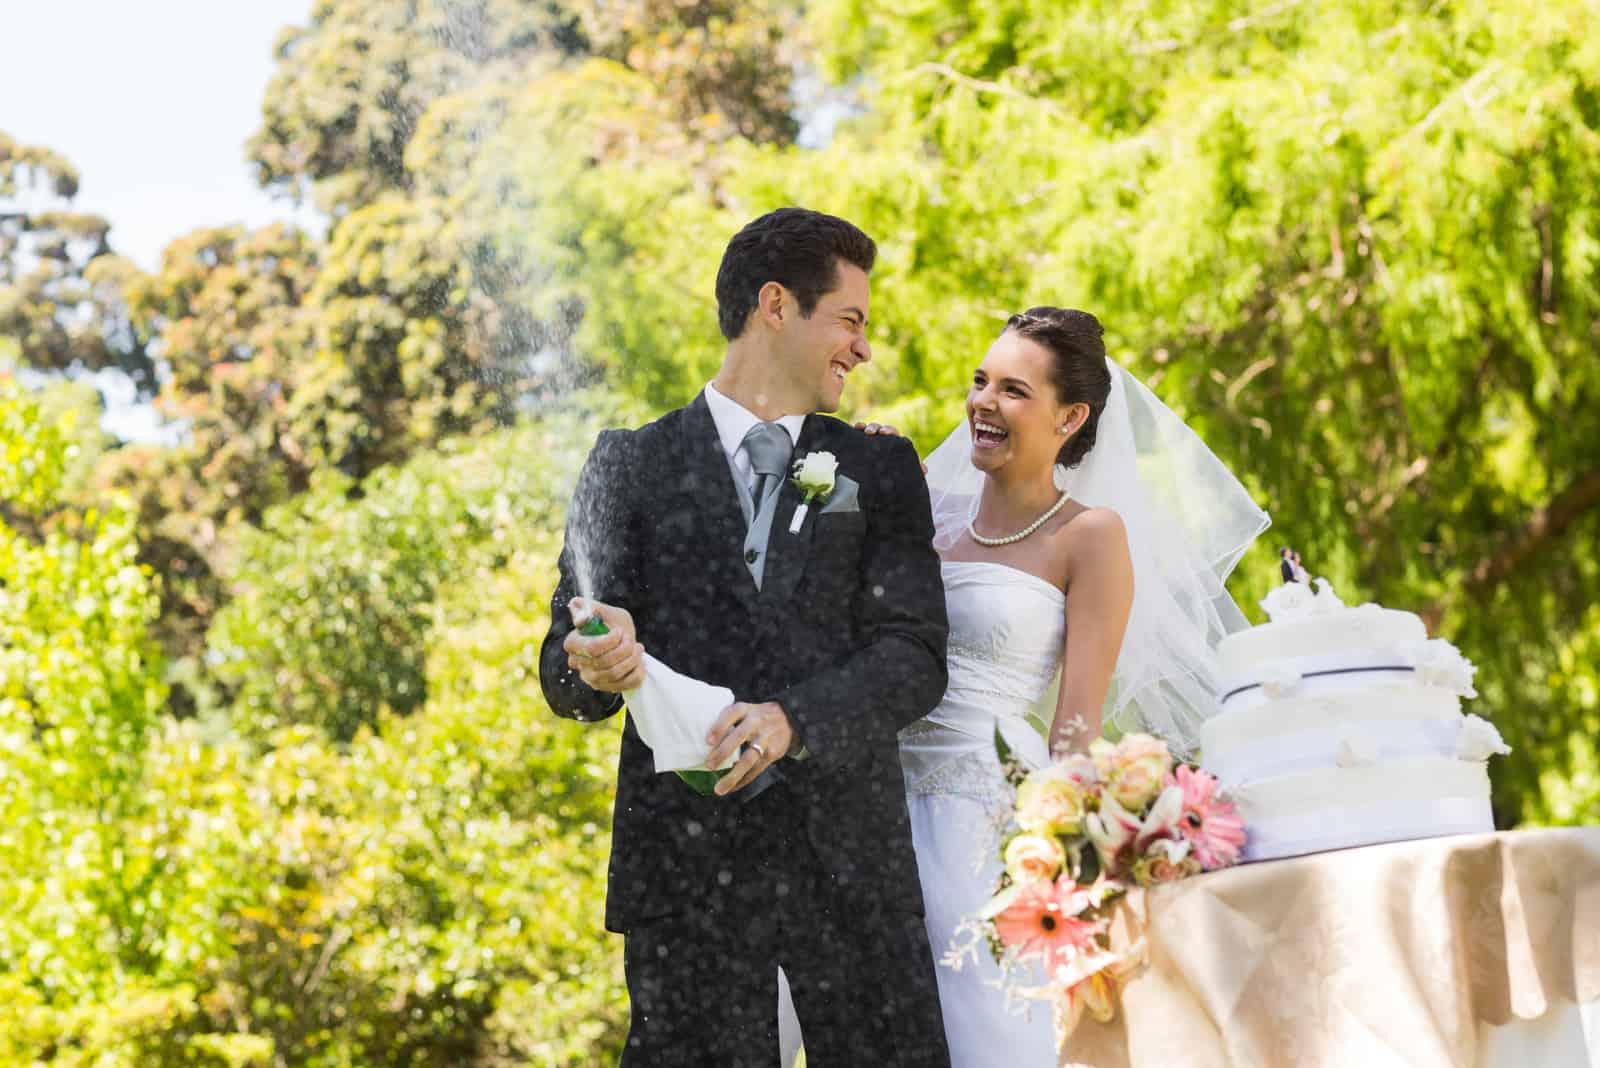 Glückliches junges frisch verheiratetes Paar mit Bräutigam, der die Champagnerflasche am Park öffnet